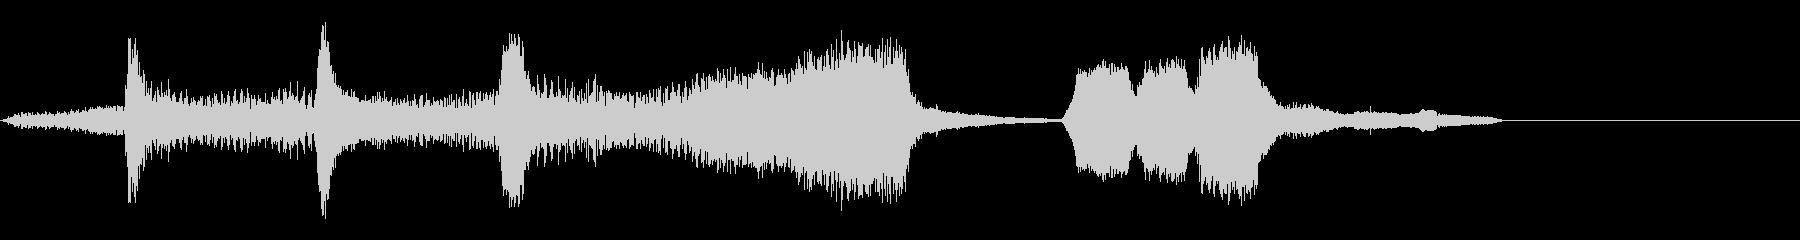 劇伴~ドジをした場面でのジングル~の未再生の波形